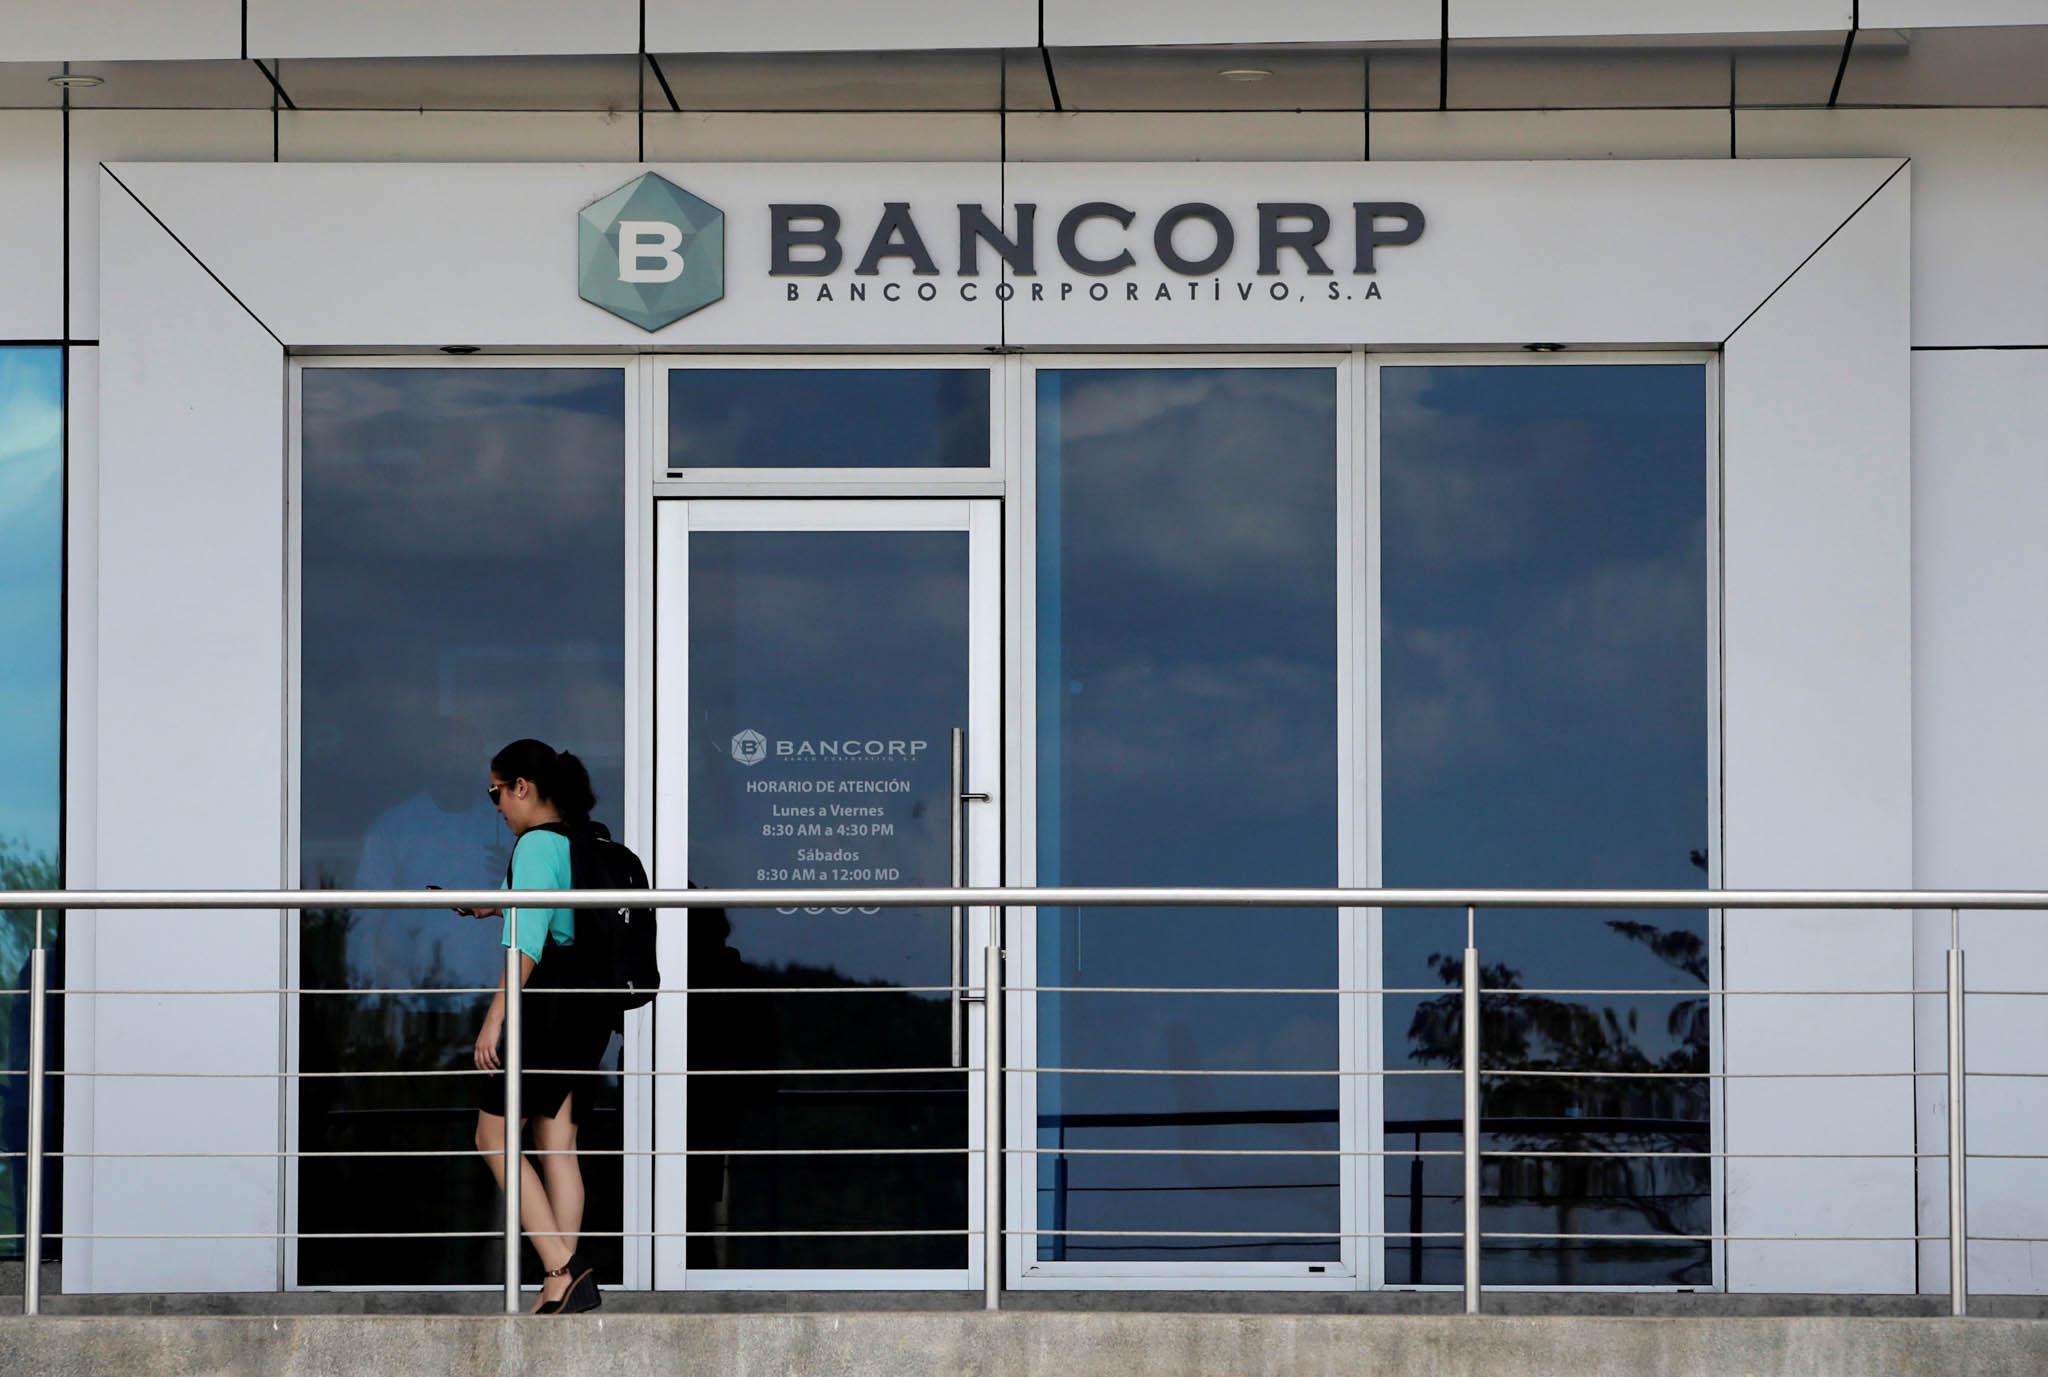 Une femme passant devant une devanture avec de grandes baies vitrées et une enseigne de la Bancorp. (© Oswaldo Rivas/Reuters)